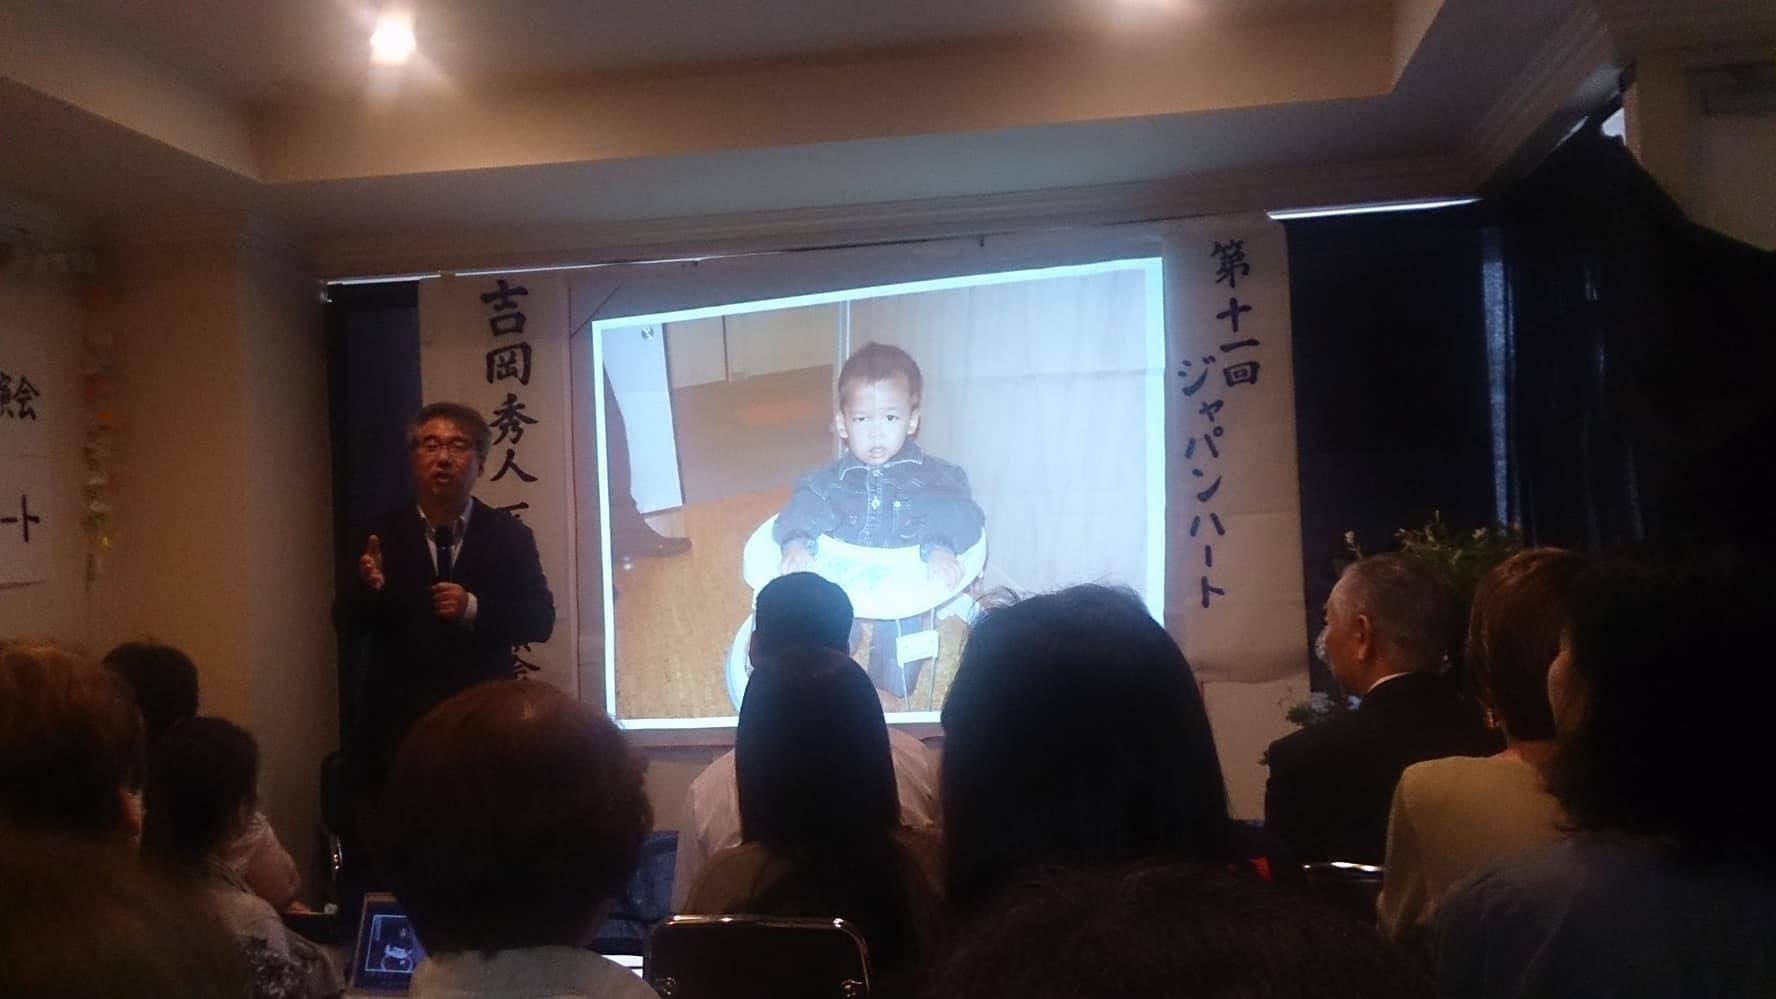 1万人以上の子どもの命を救う医師 吉岡秀人さん